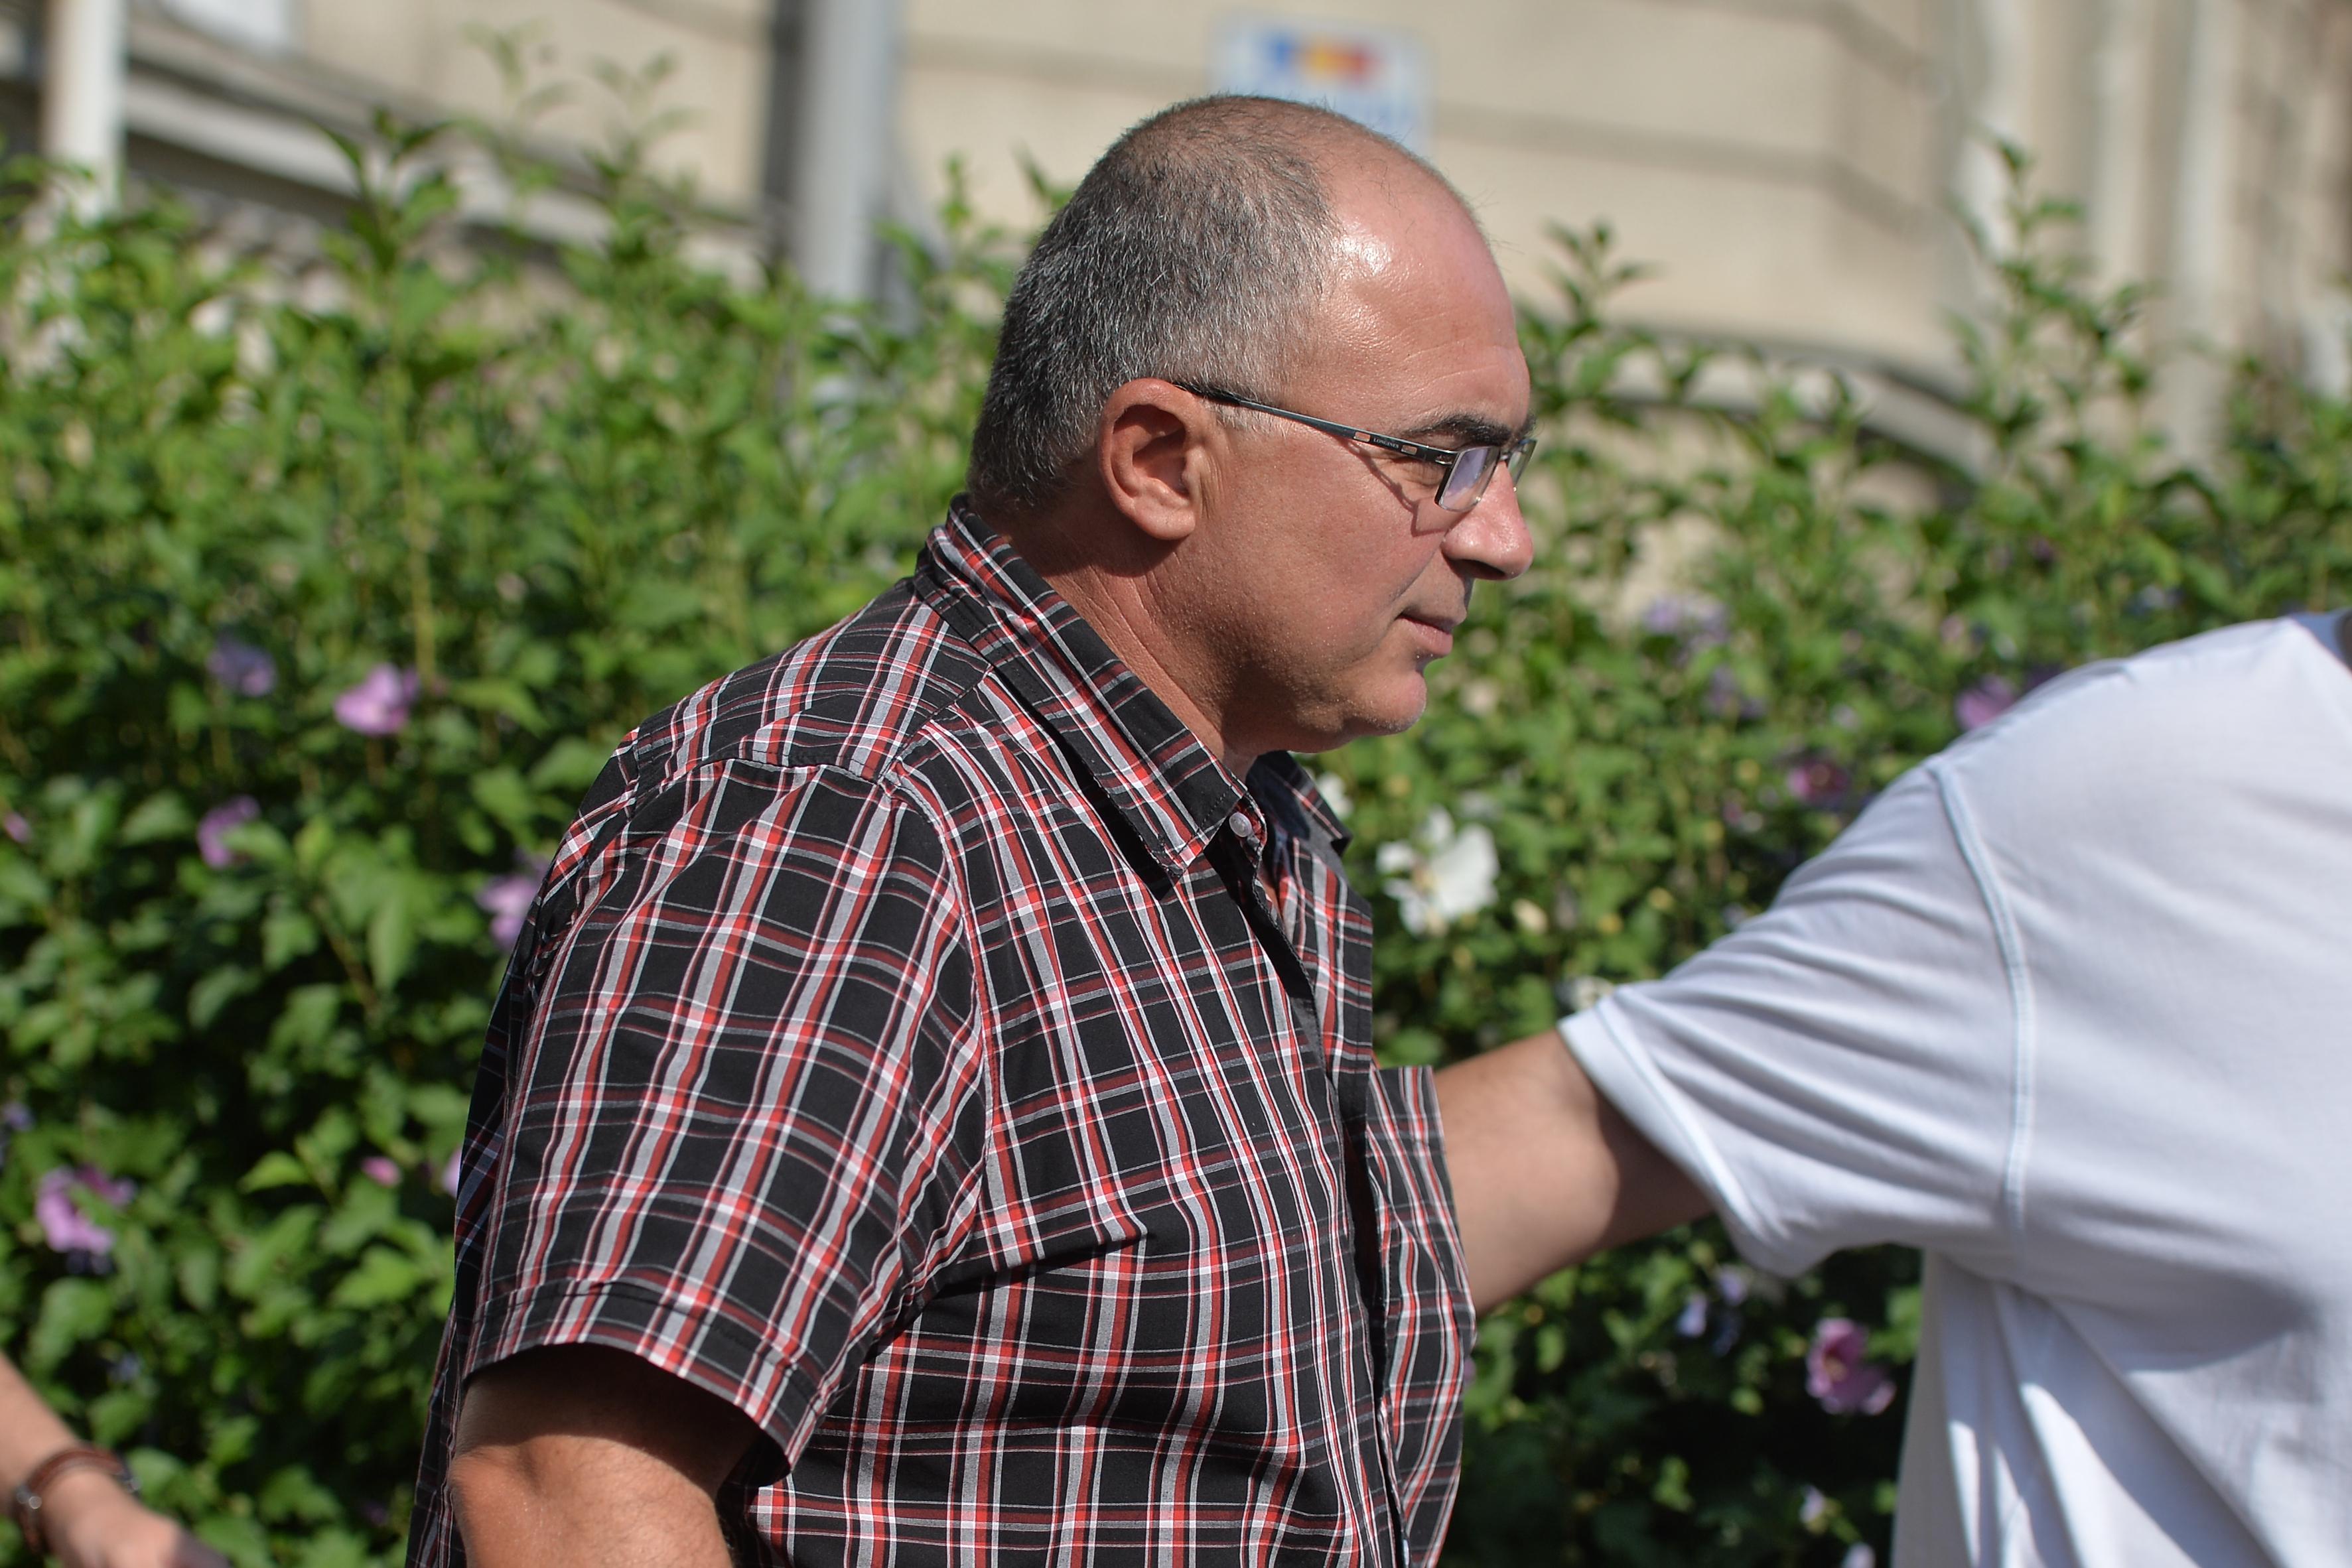 Ilie Dragne, administratorul fermei de porci a fiului lui Liviu Dragnea, scapă de acuzaţia principală de complicitate la EVAZIUNE fiscală. Acesta, trimis în judecată `pentru folosirea cu rea credinţă a bunurilor`